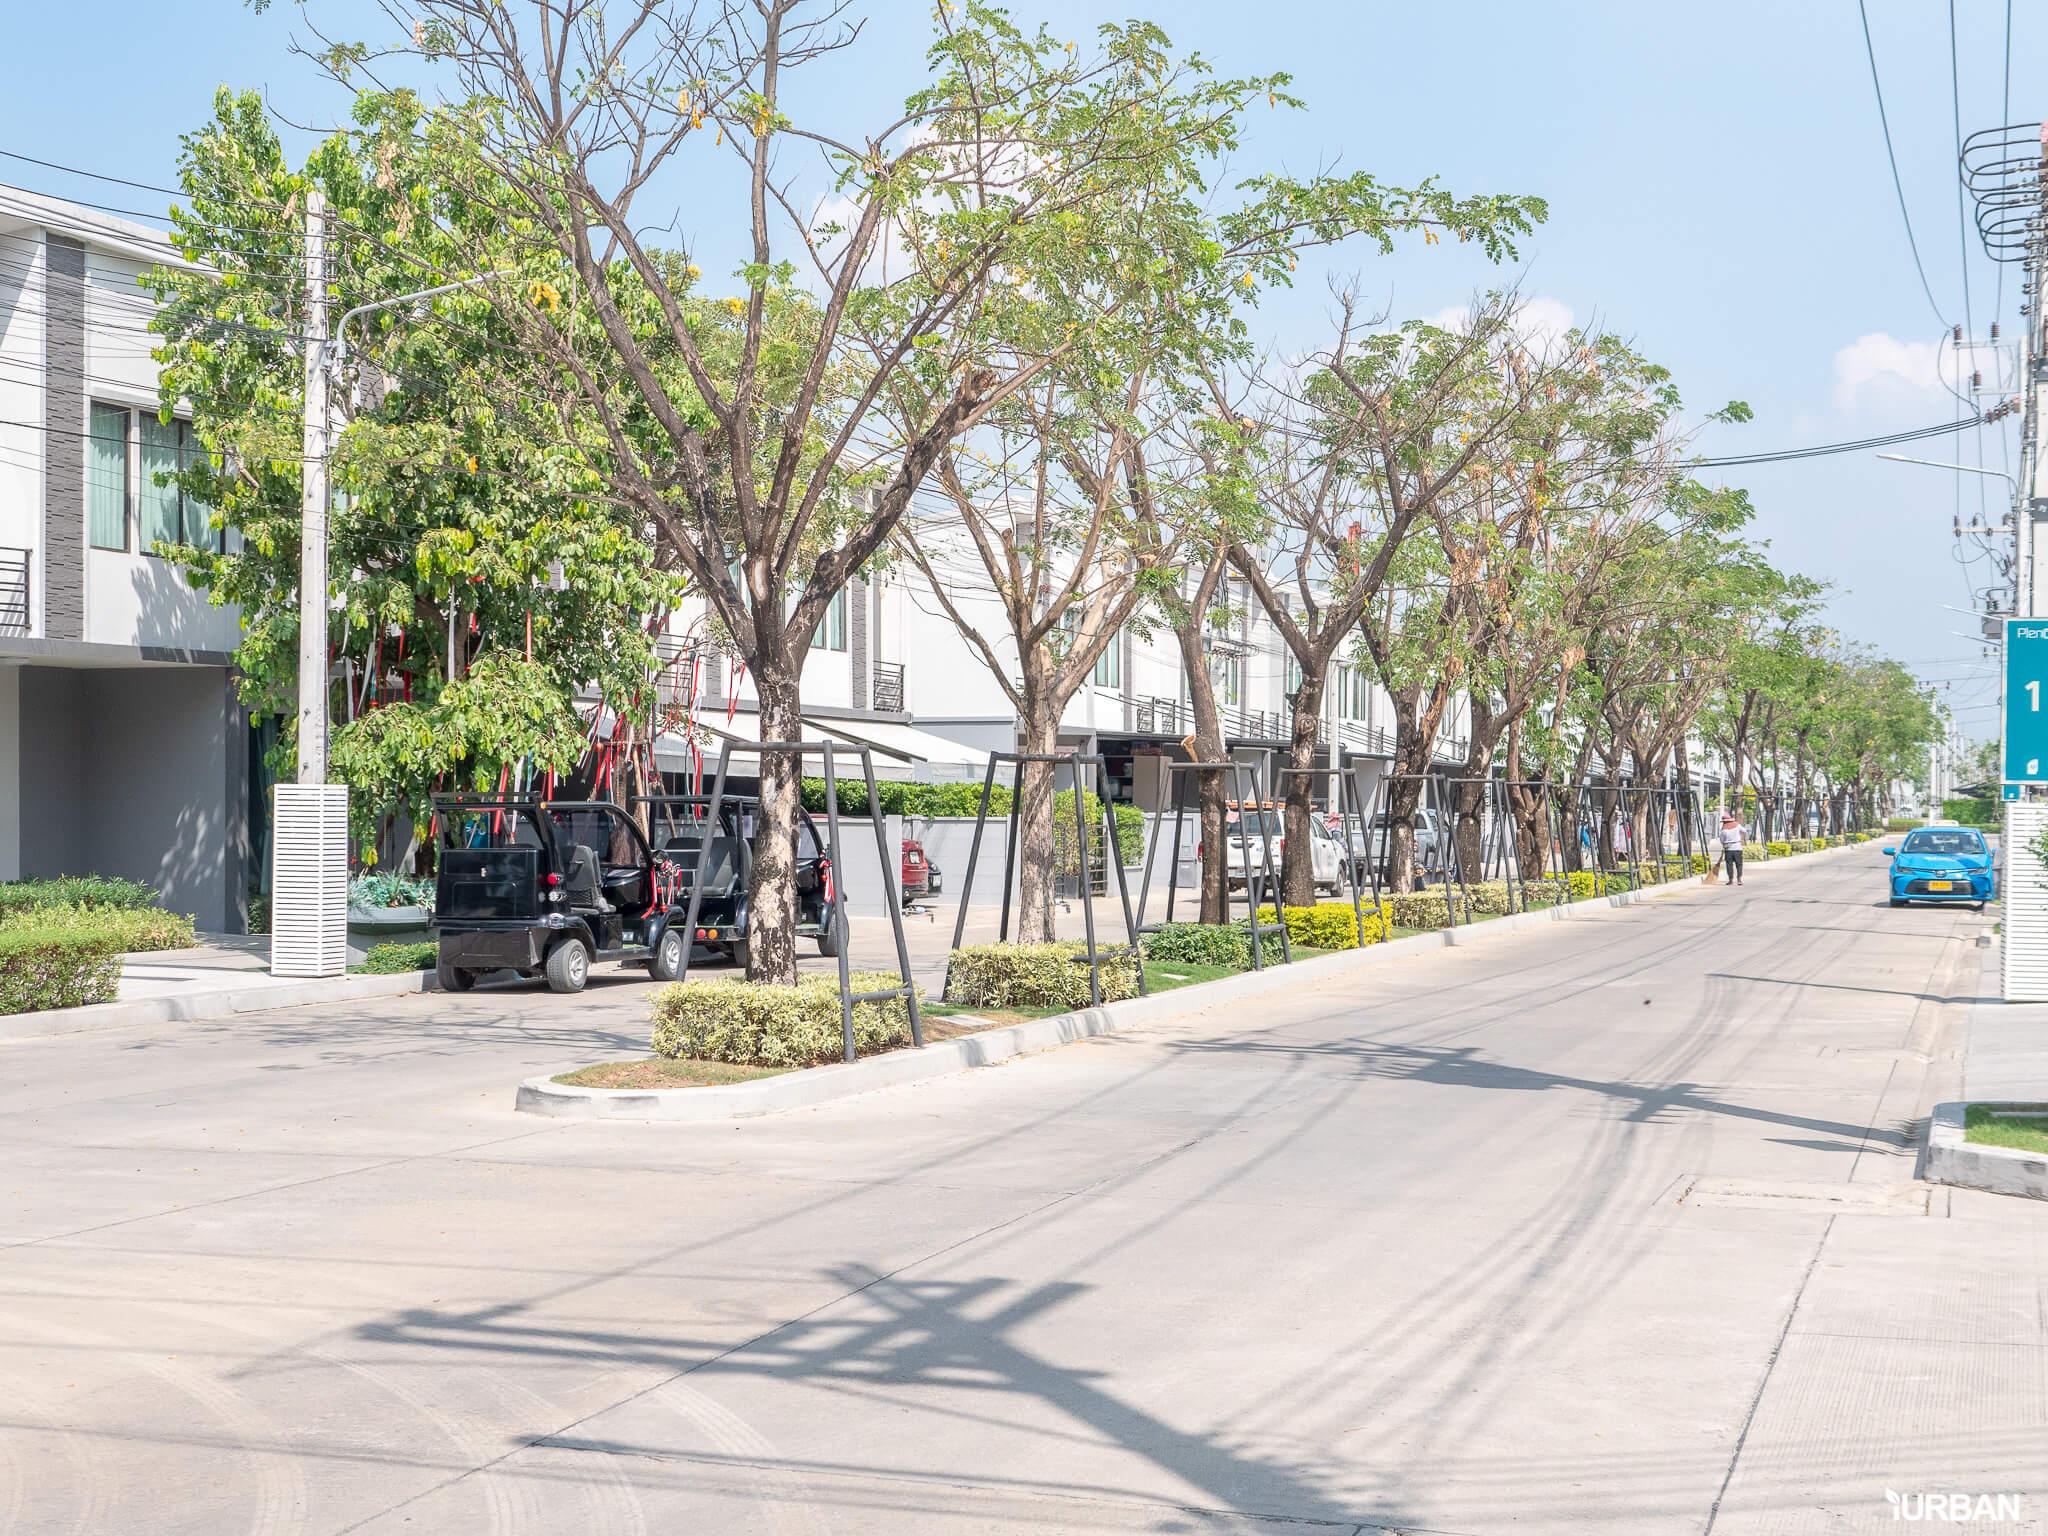 พาชมบ้านจริง PLENO พหลโยธิน-รังสิต ชีวิตทันสมัย ใกล้ฟิวเจอร์พาร์ครังสิต เริ่มแค่ 1.99 ลบ. 38 - AP (Thailand) - เอพี (ไทยแลนด์)